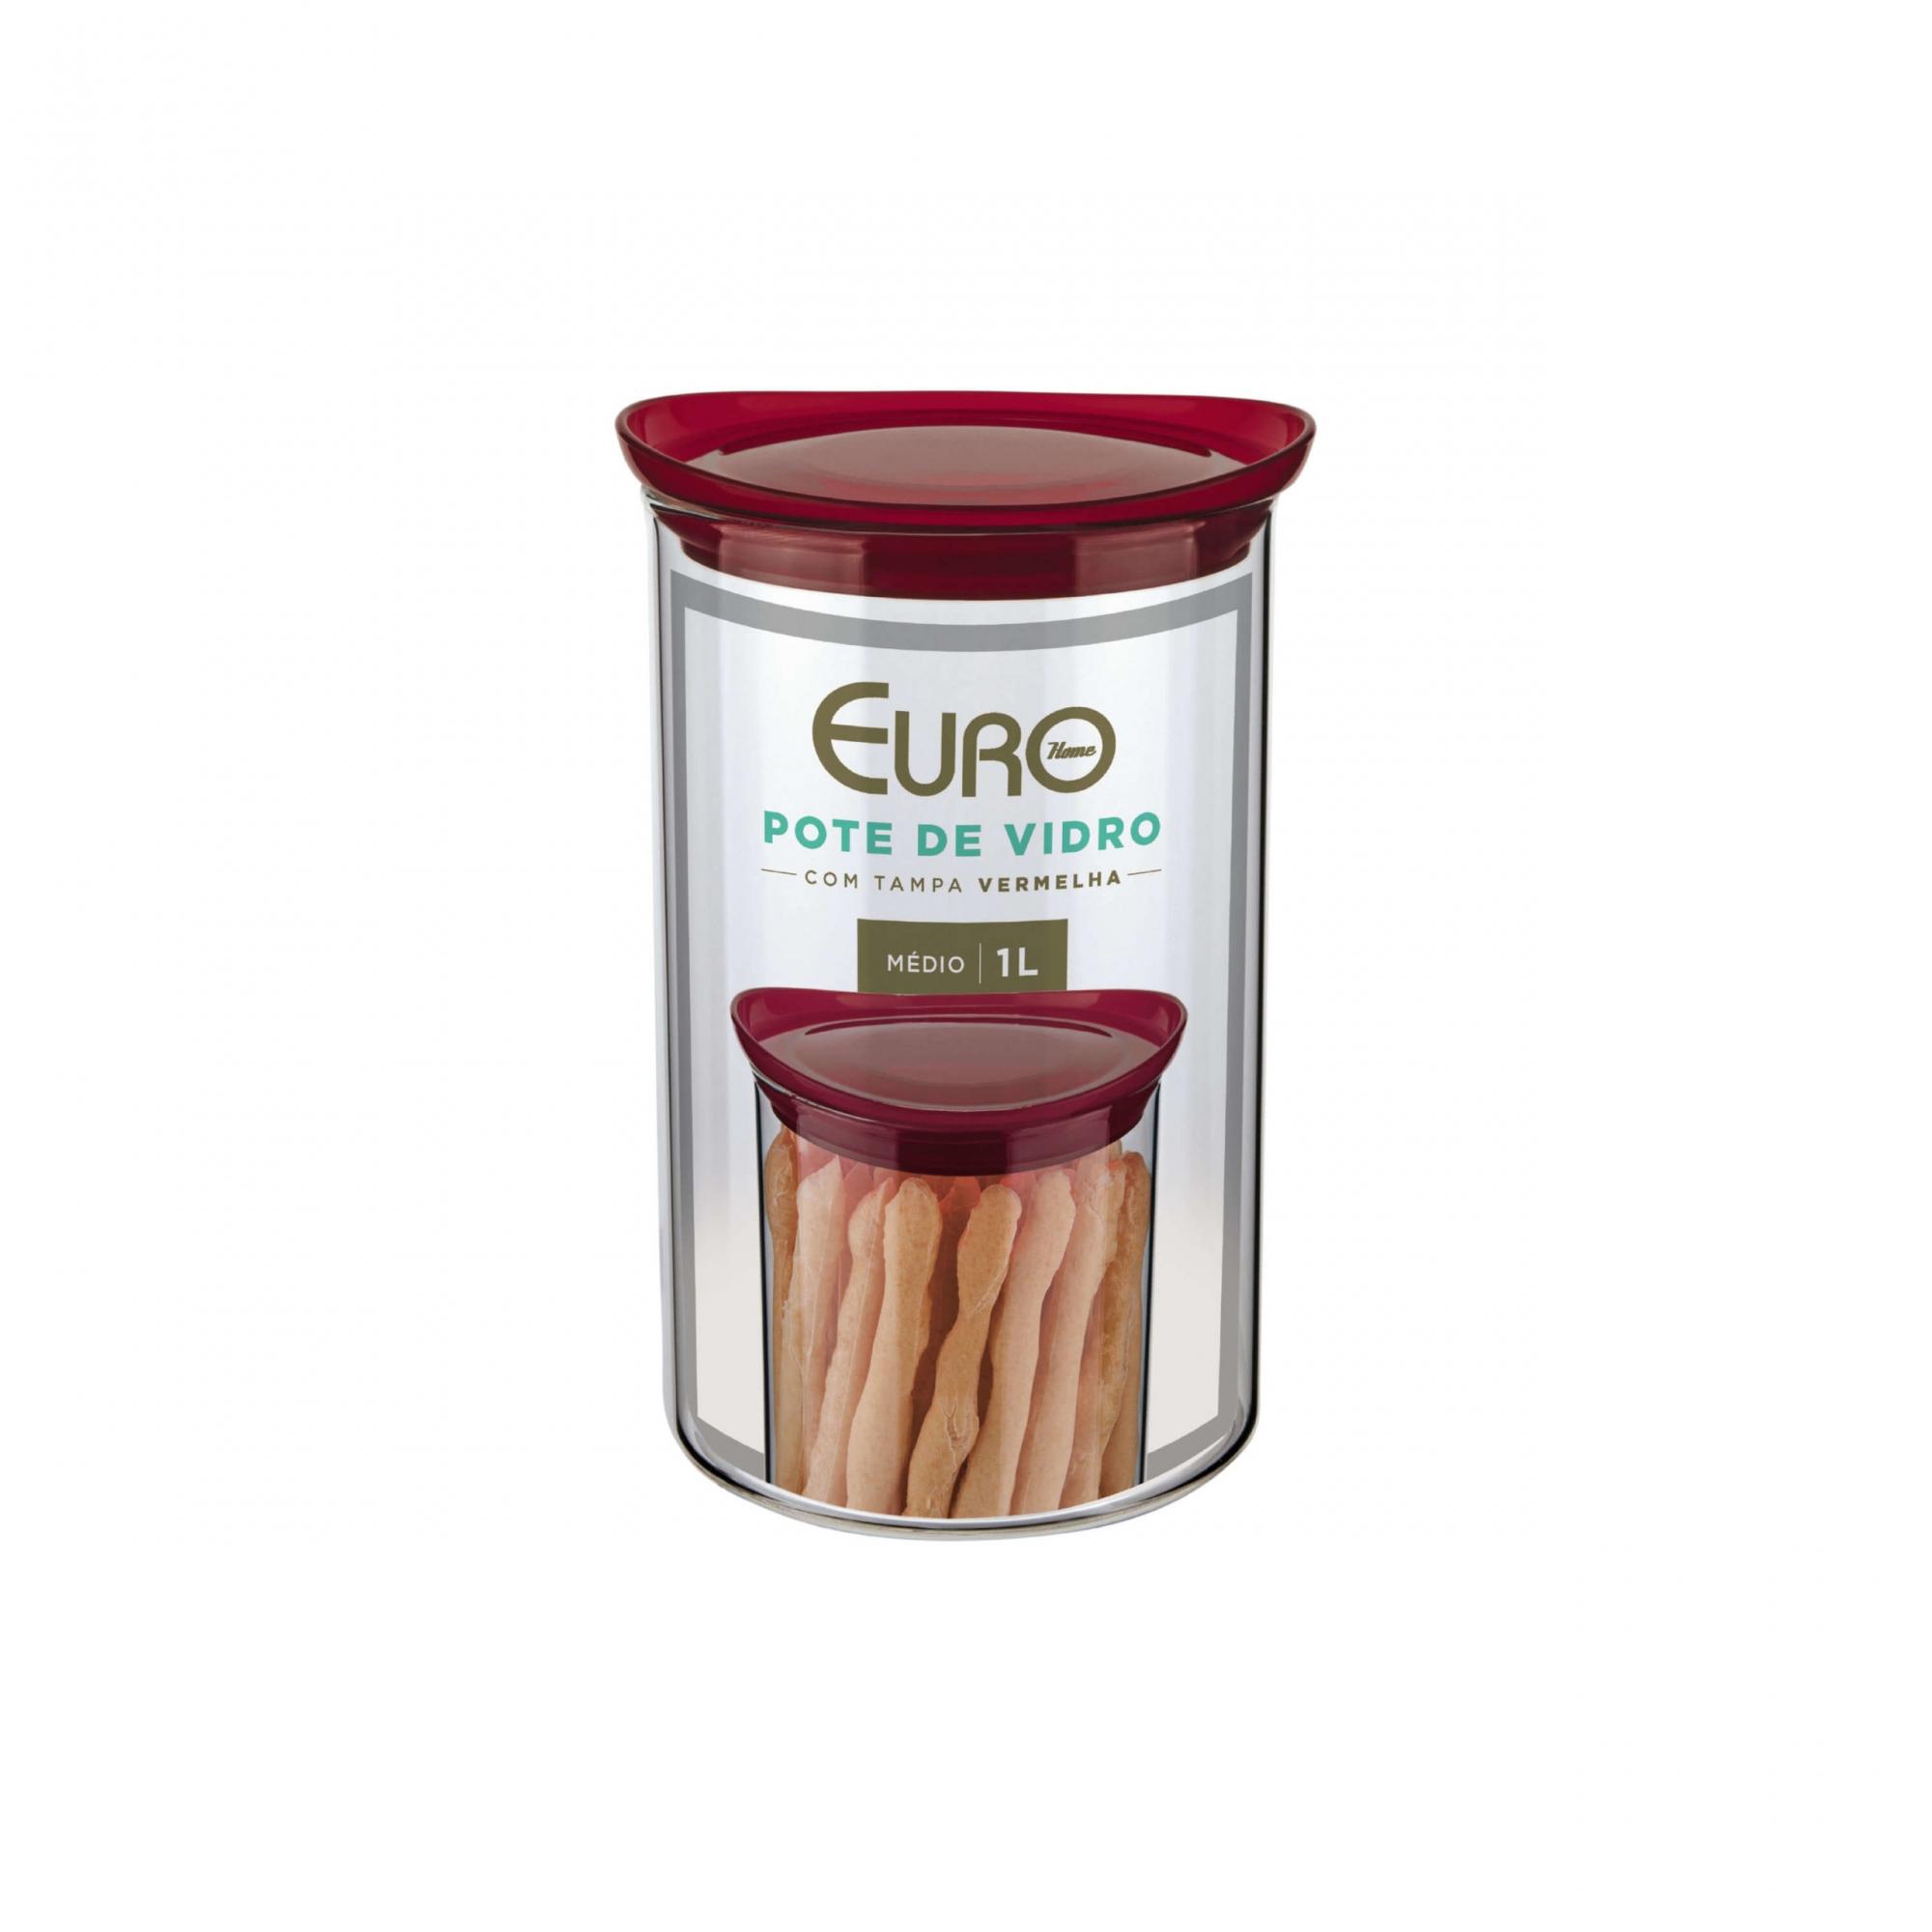 Pote de vidro Slim com tampa plástica 1 L vermelho